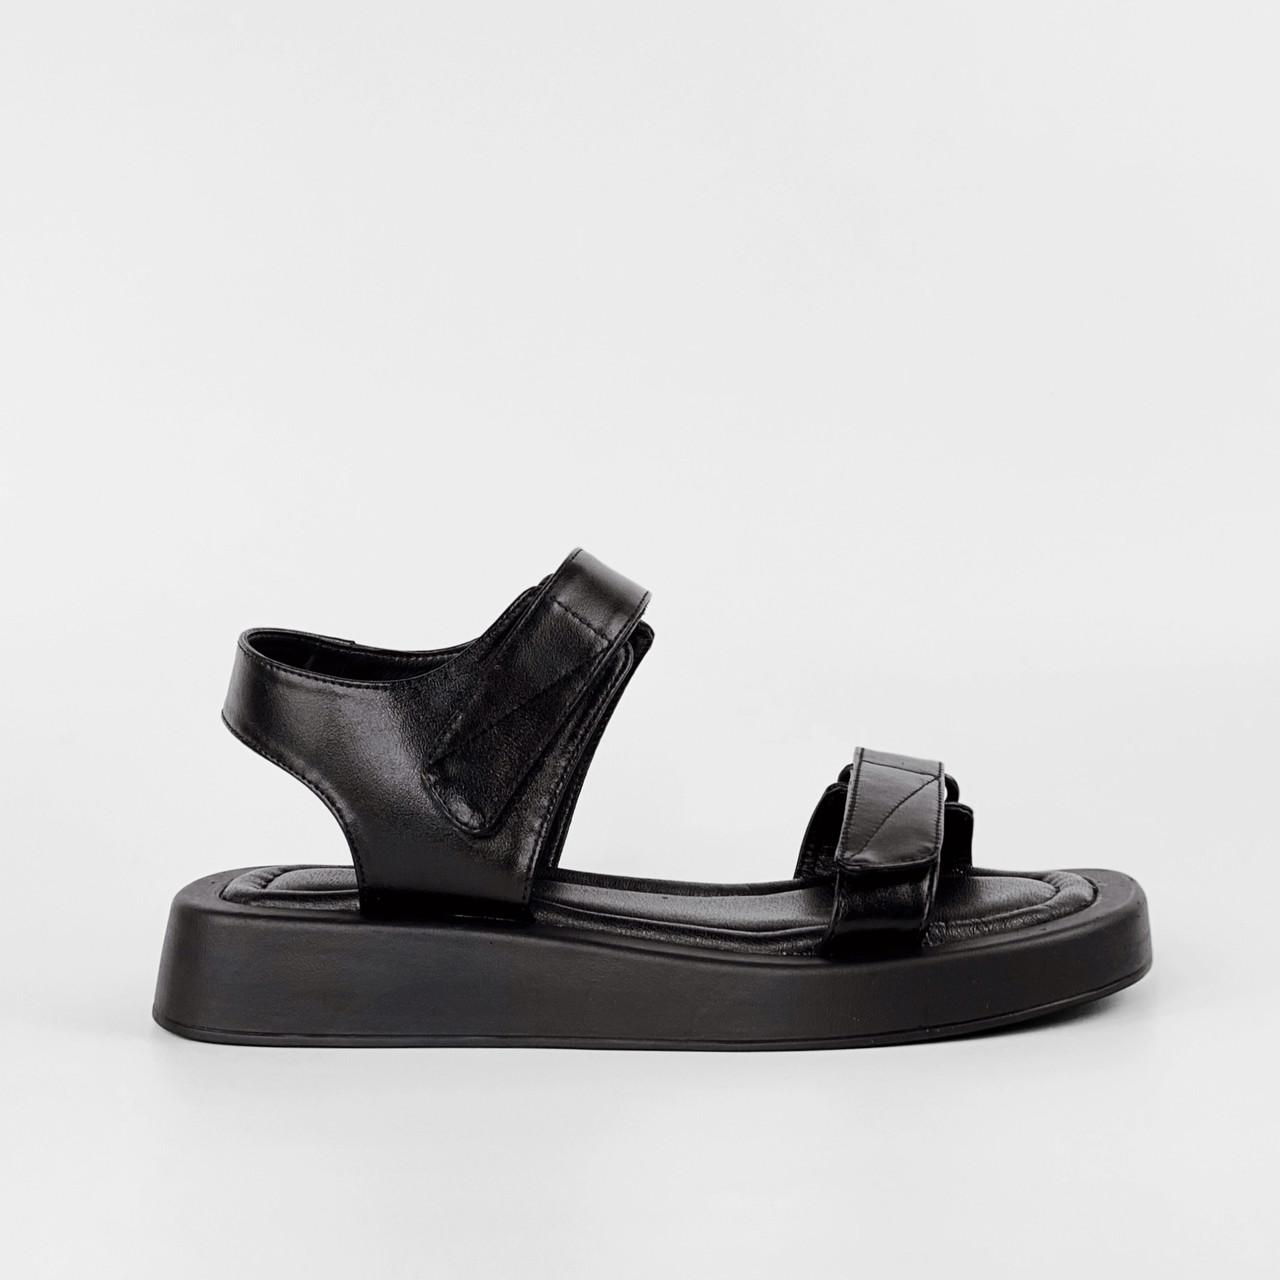 Сандалии женские кожаные чёрные на липучках MORENTO